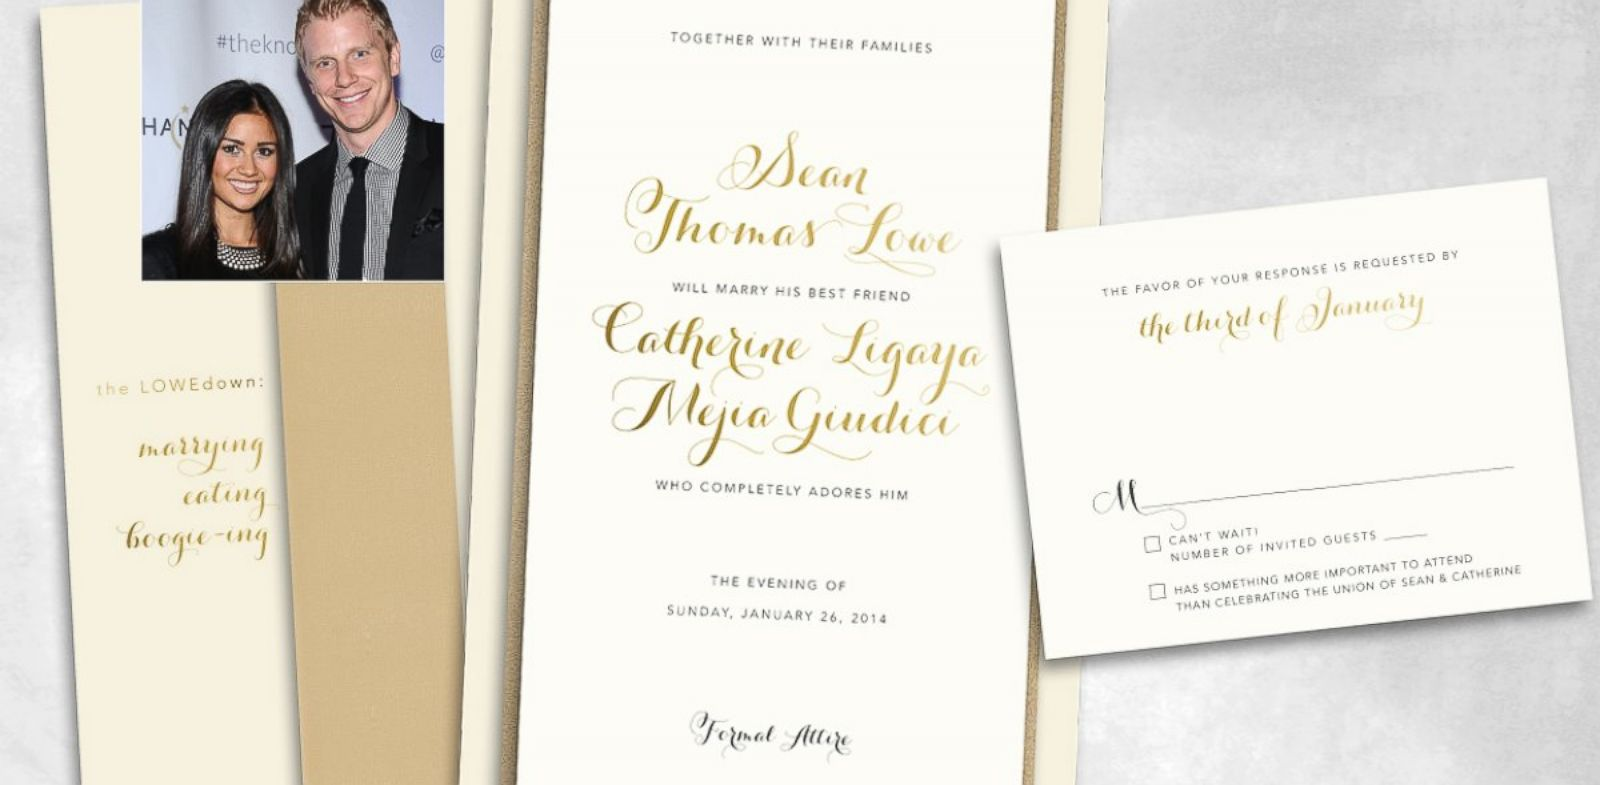 PHOTO: Sean and Catherines wedding invite